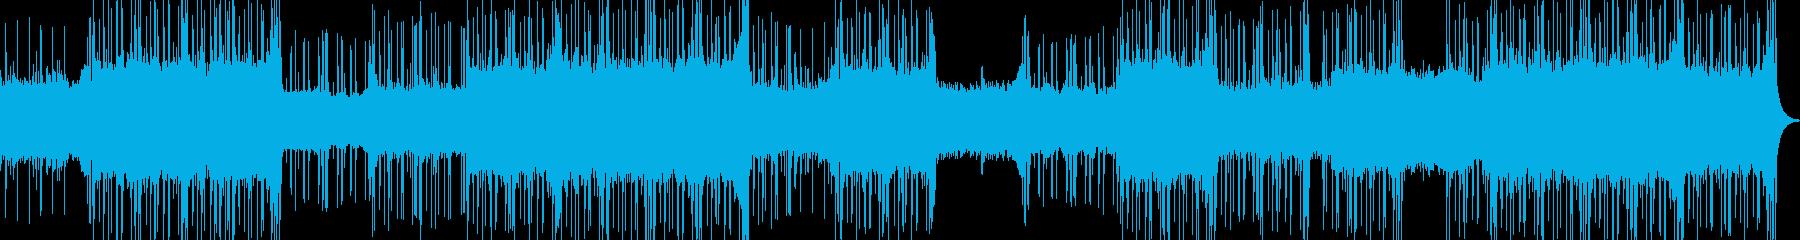 シンセループが基調のオリエンタルテクノの再生済みの波形